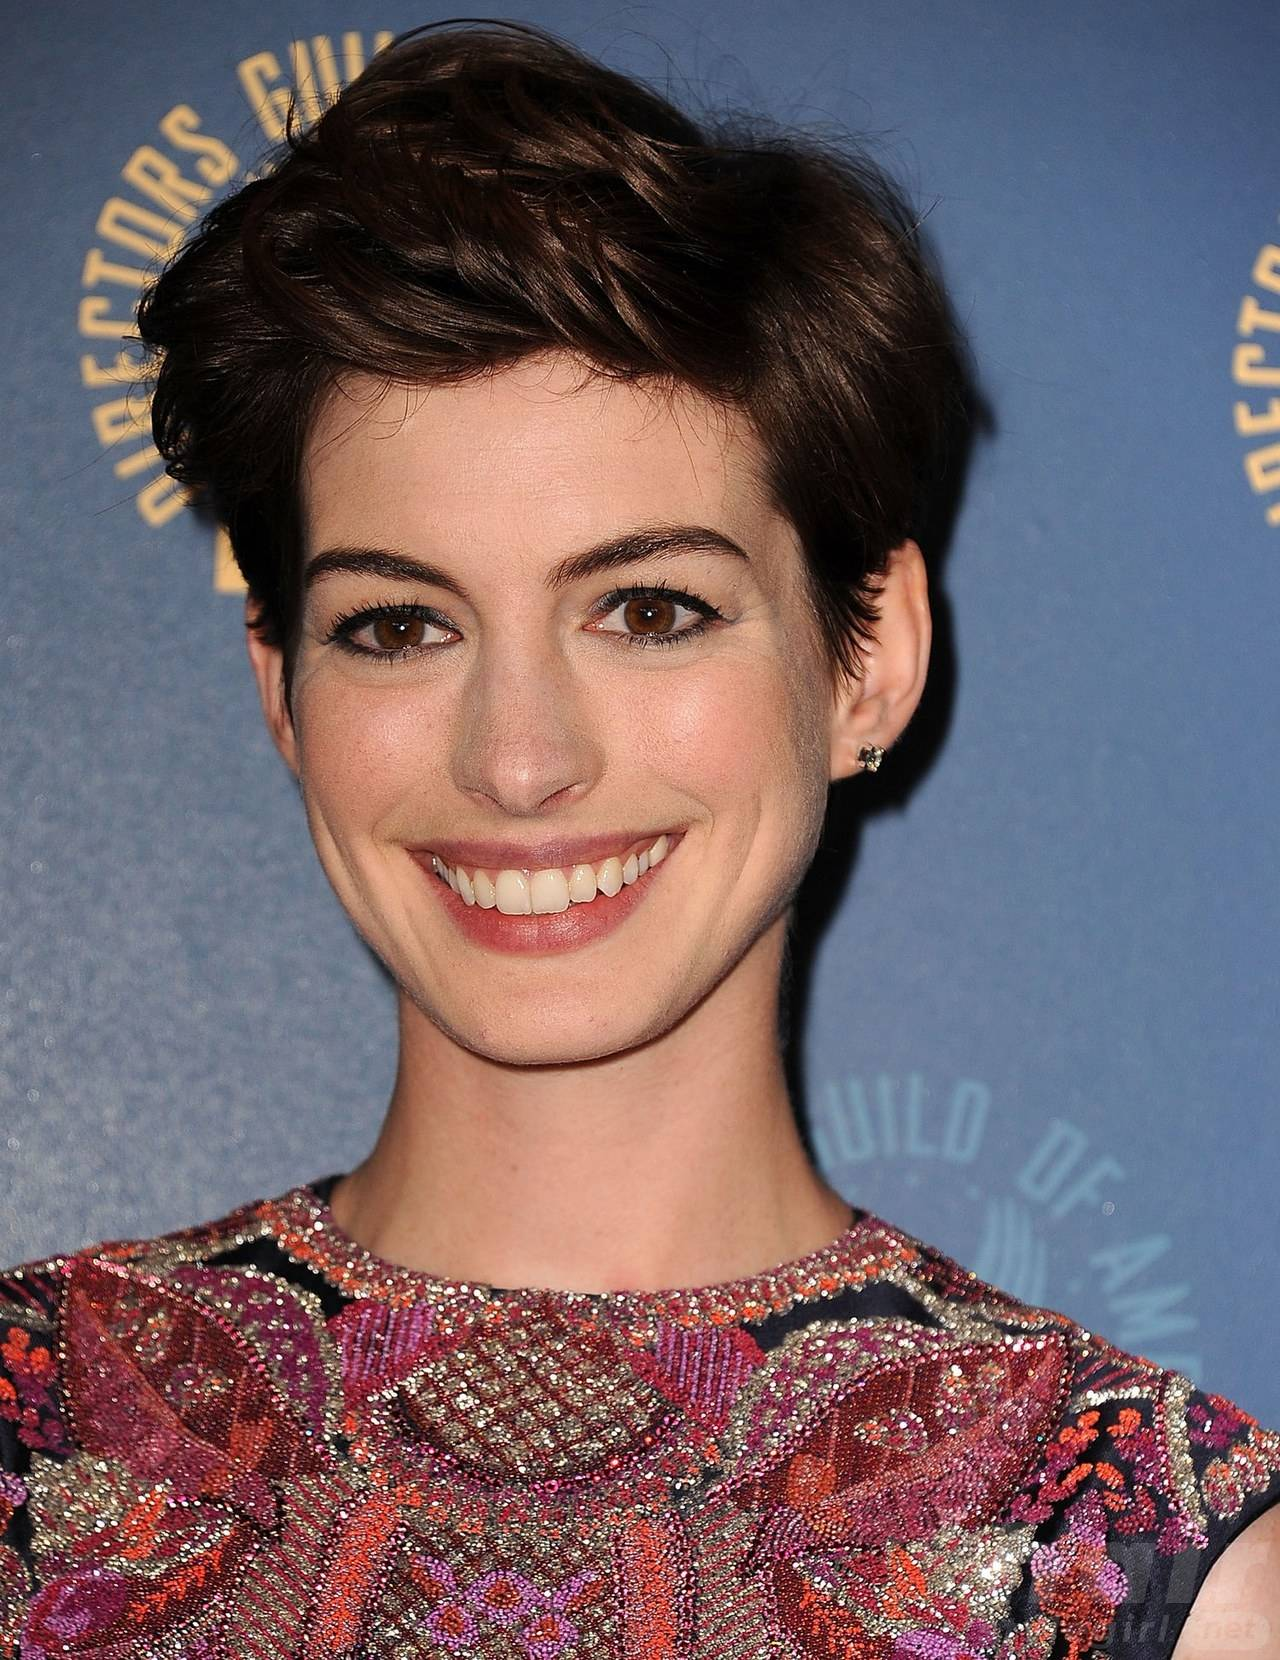 Anne Hathaway Haircut (4)